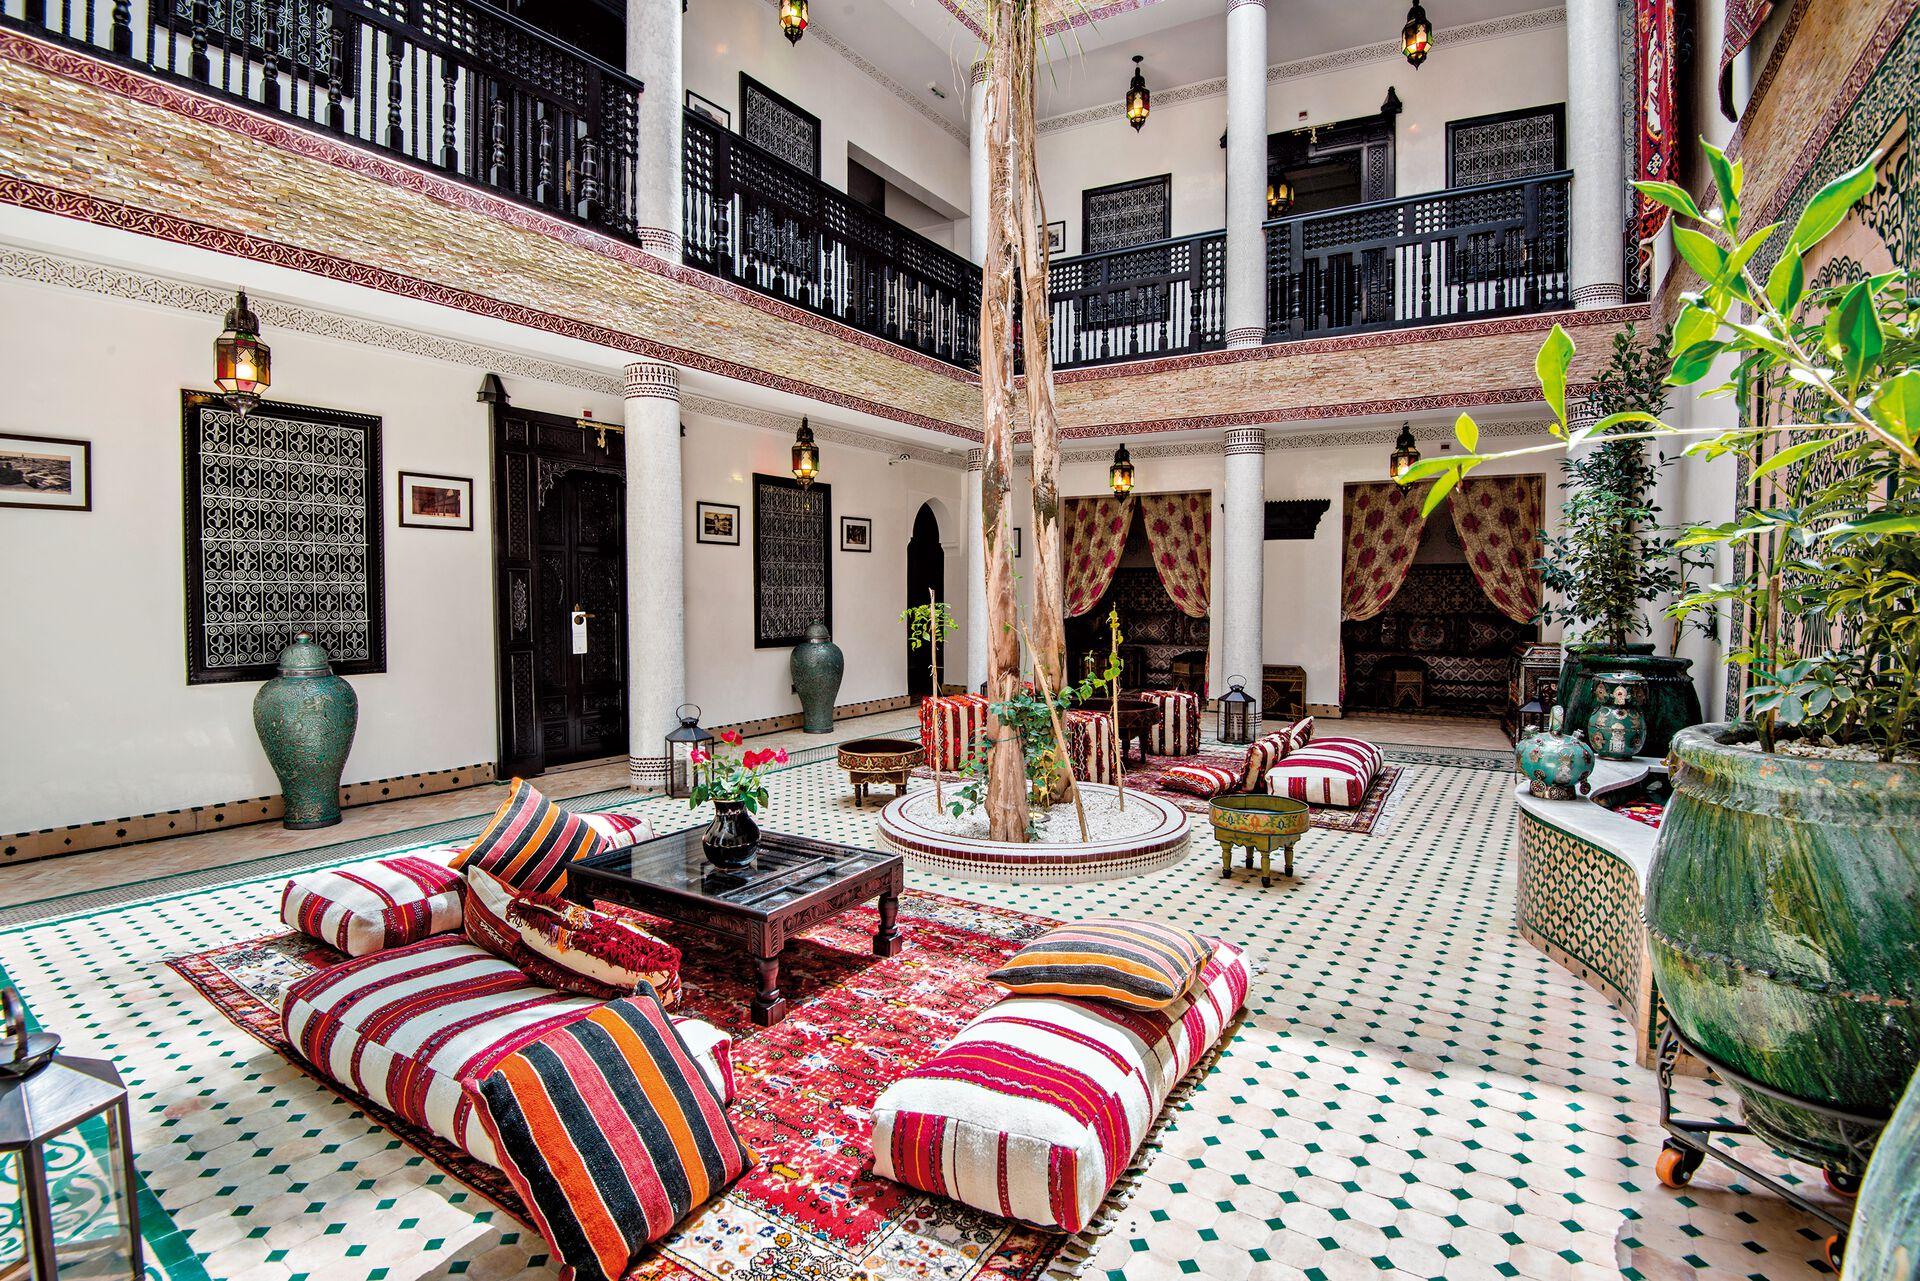 Séjour Marrakech - Ryad Art Place - 5*